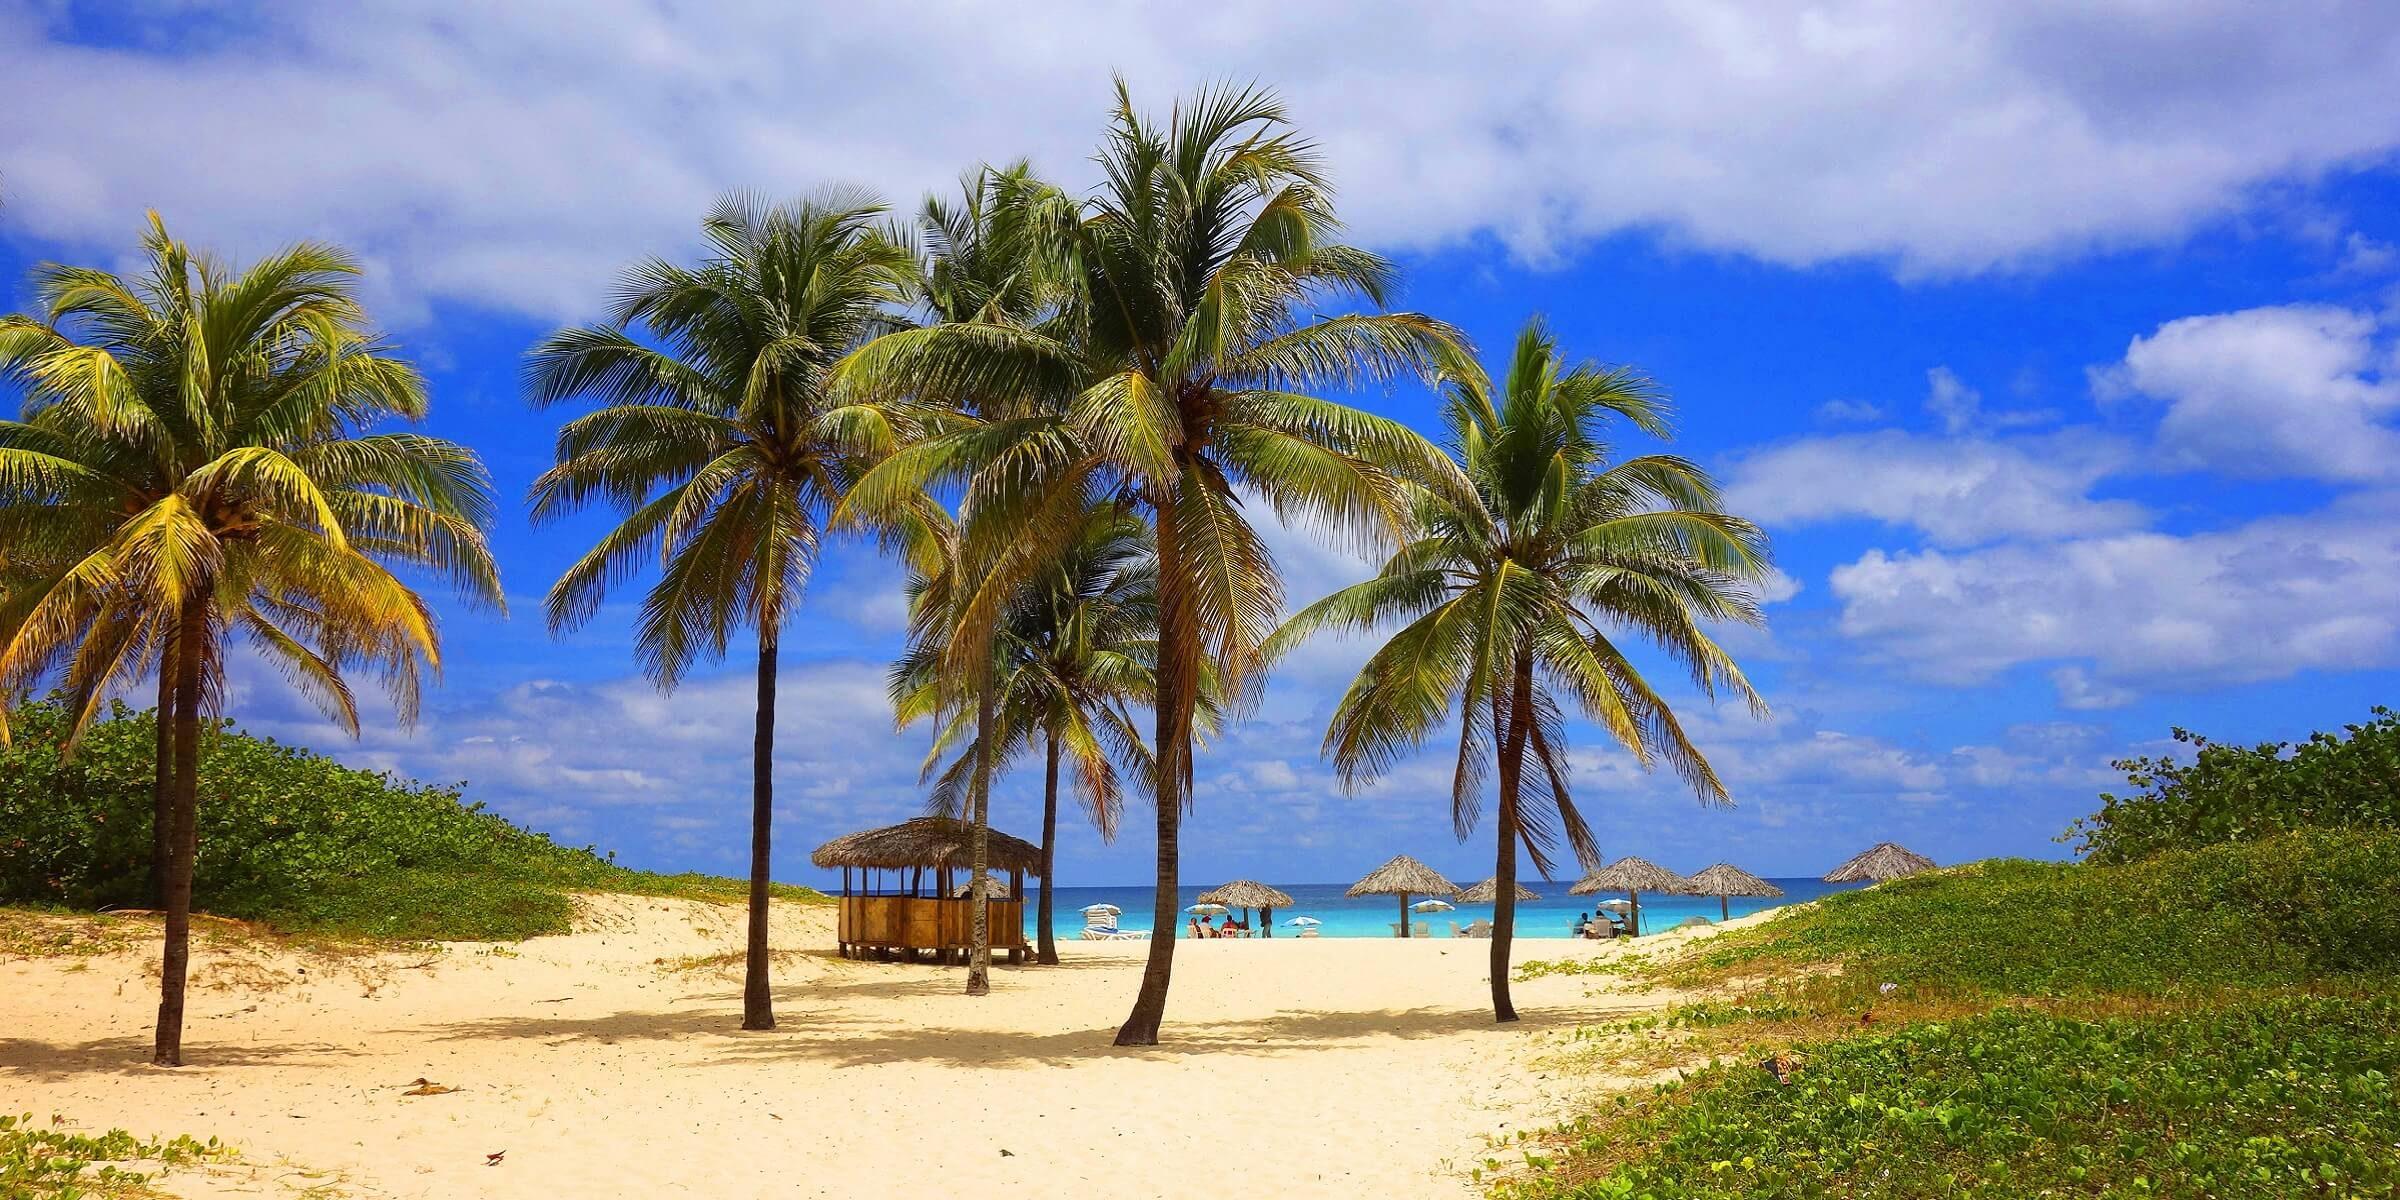 Der kubanische Strand lädt zum Entspannen ein